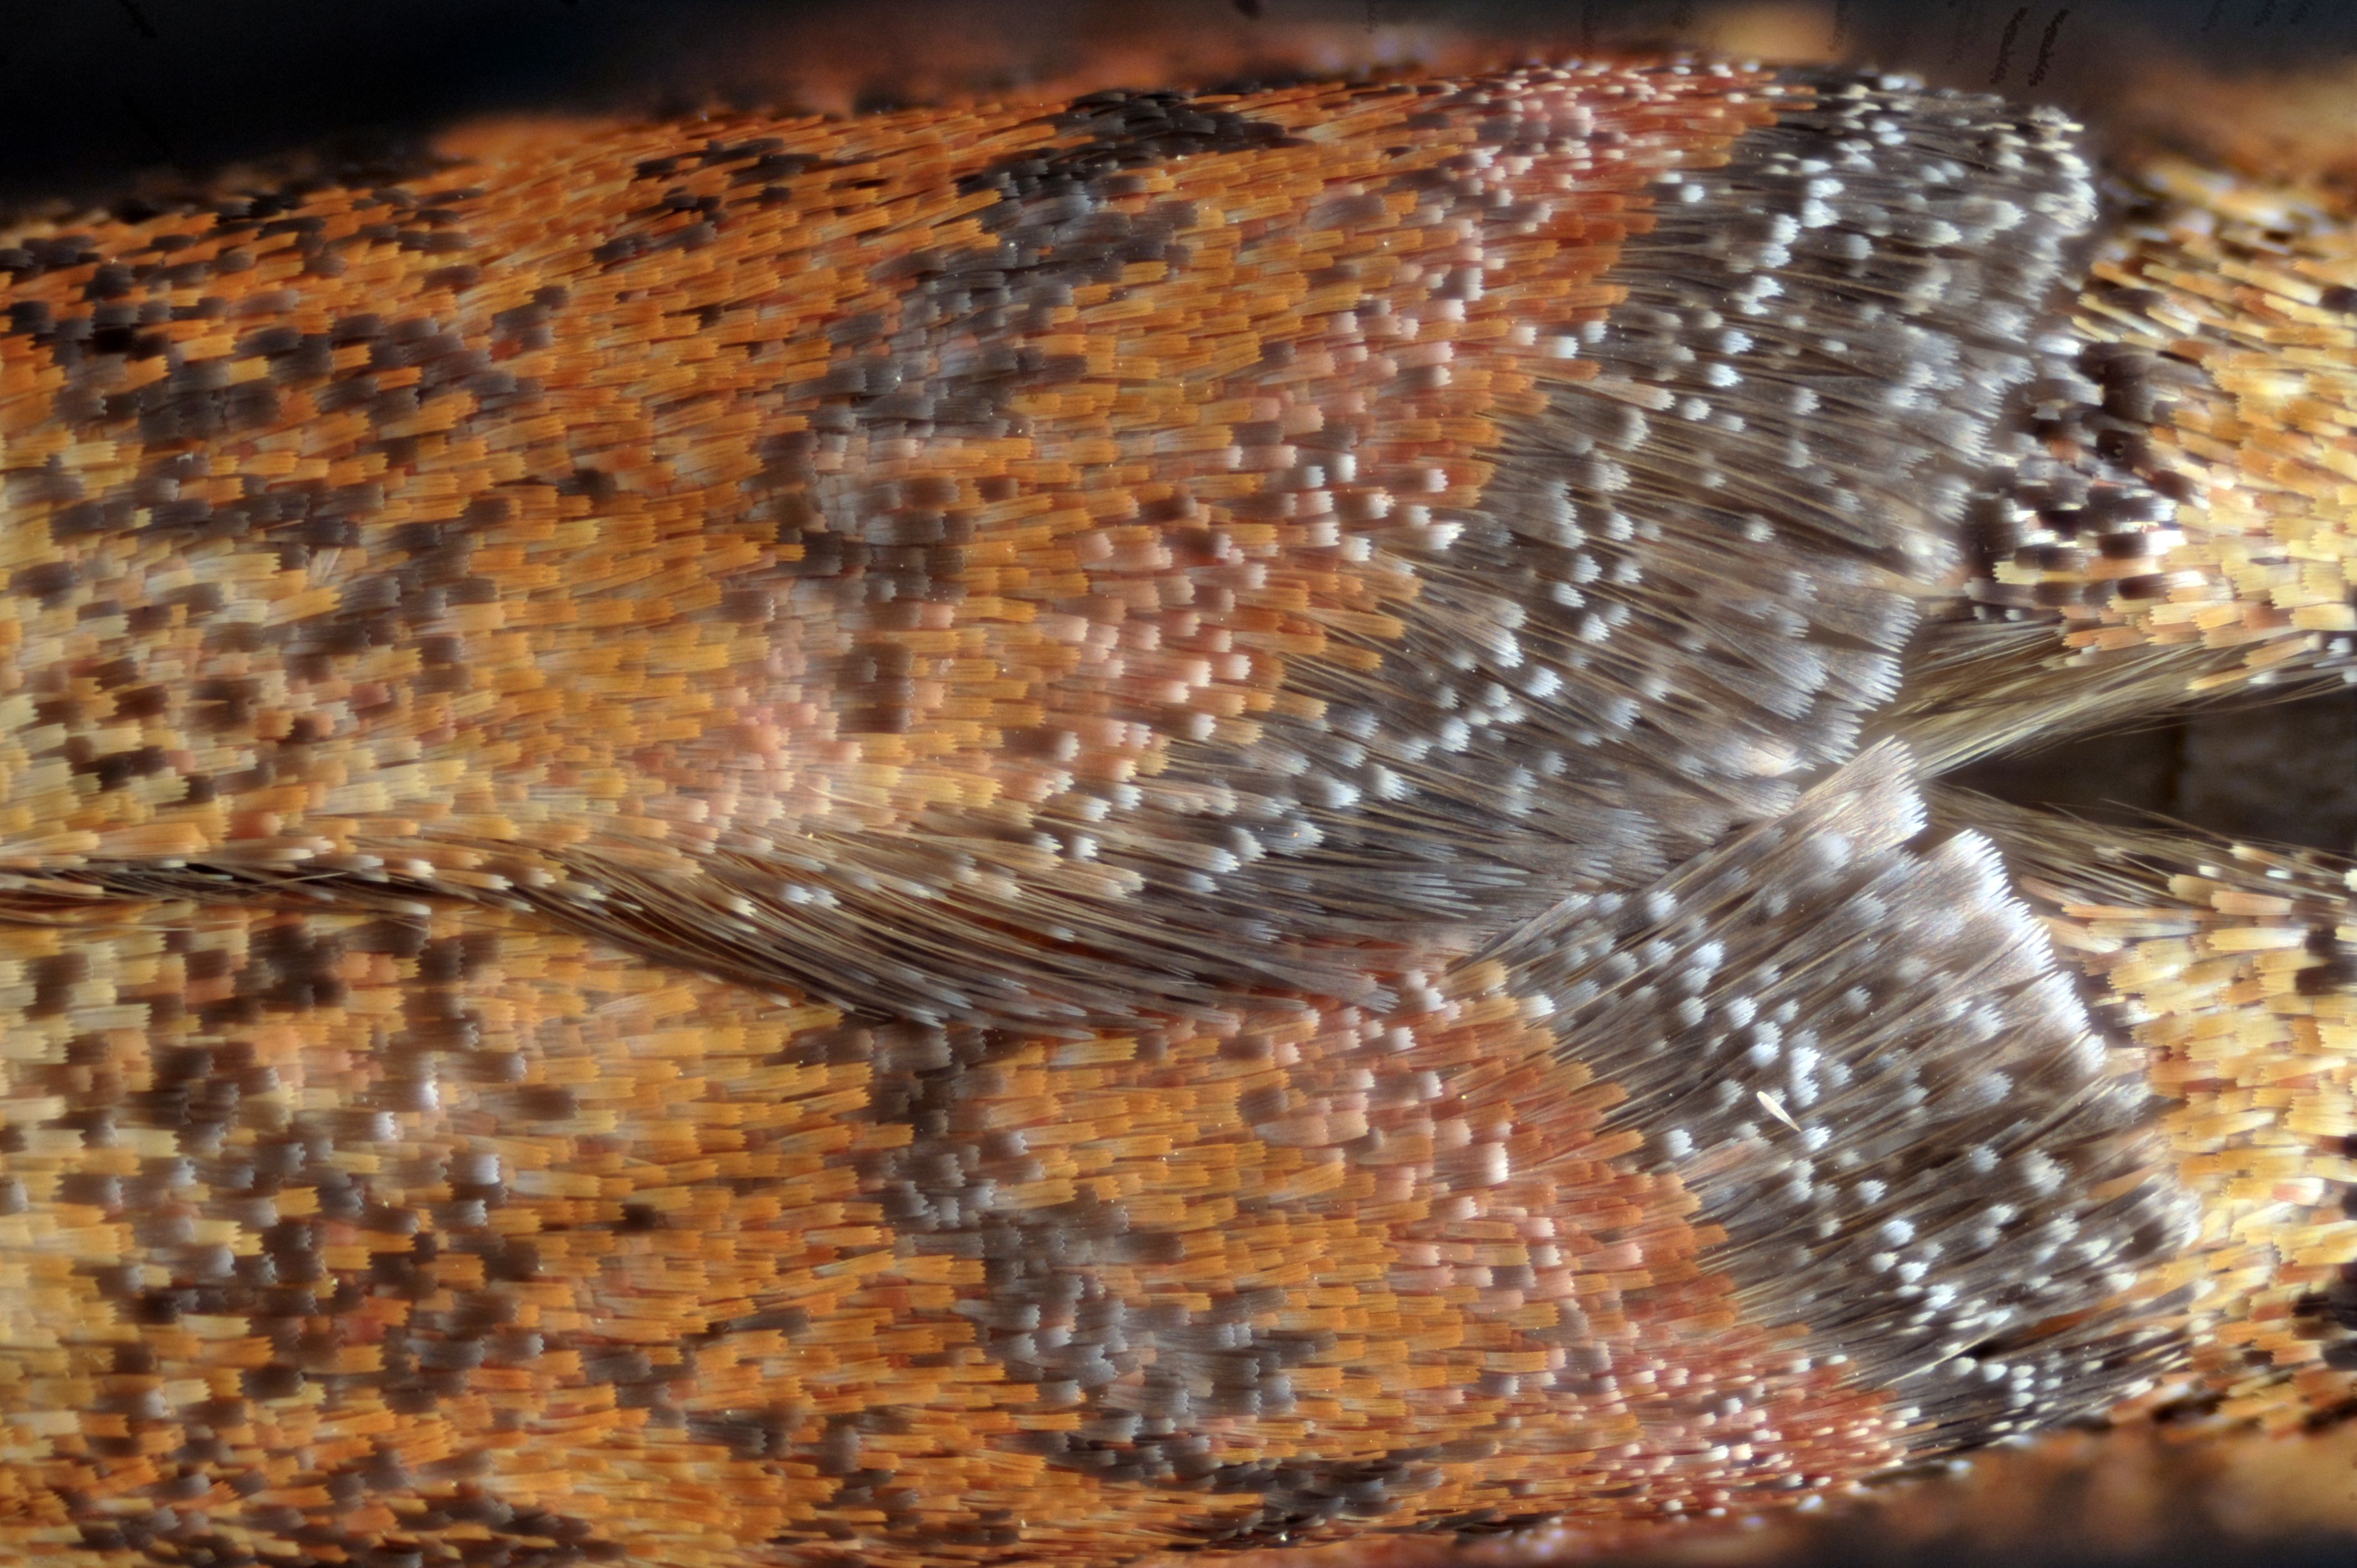 Afficher le sujet le test du papillon corr mite alimentaire le naturaliste - Larve mite alimentaire ...